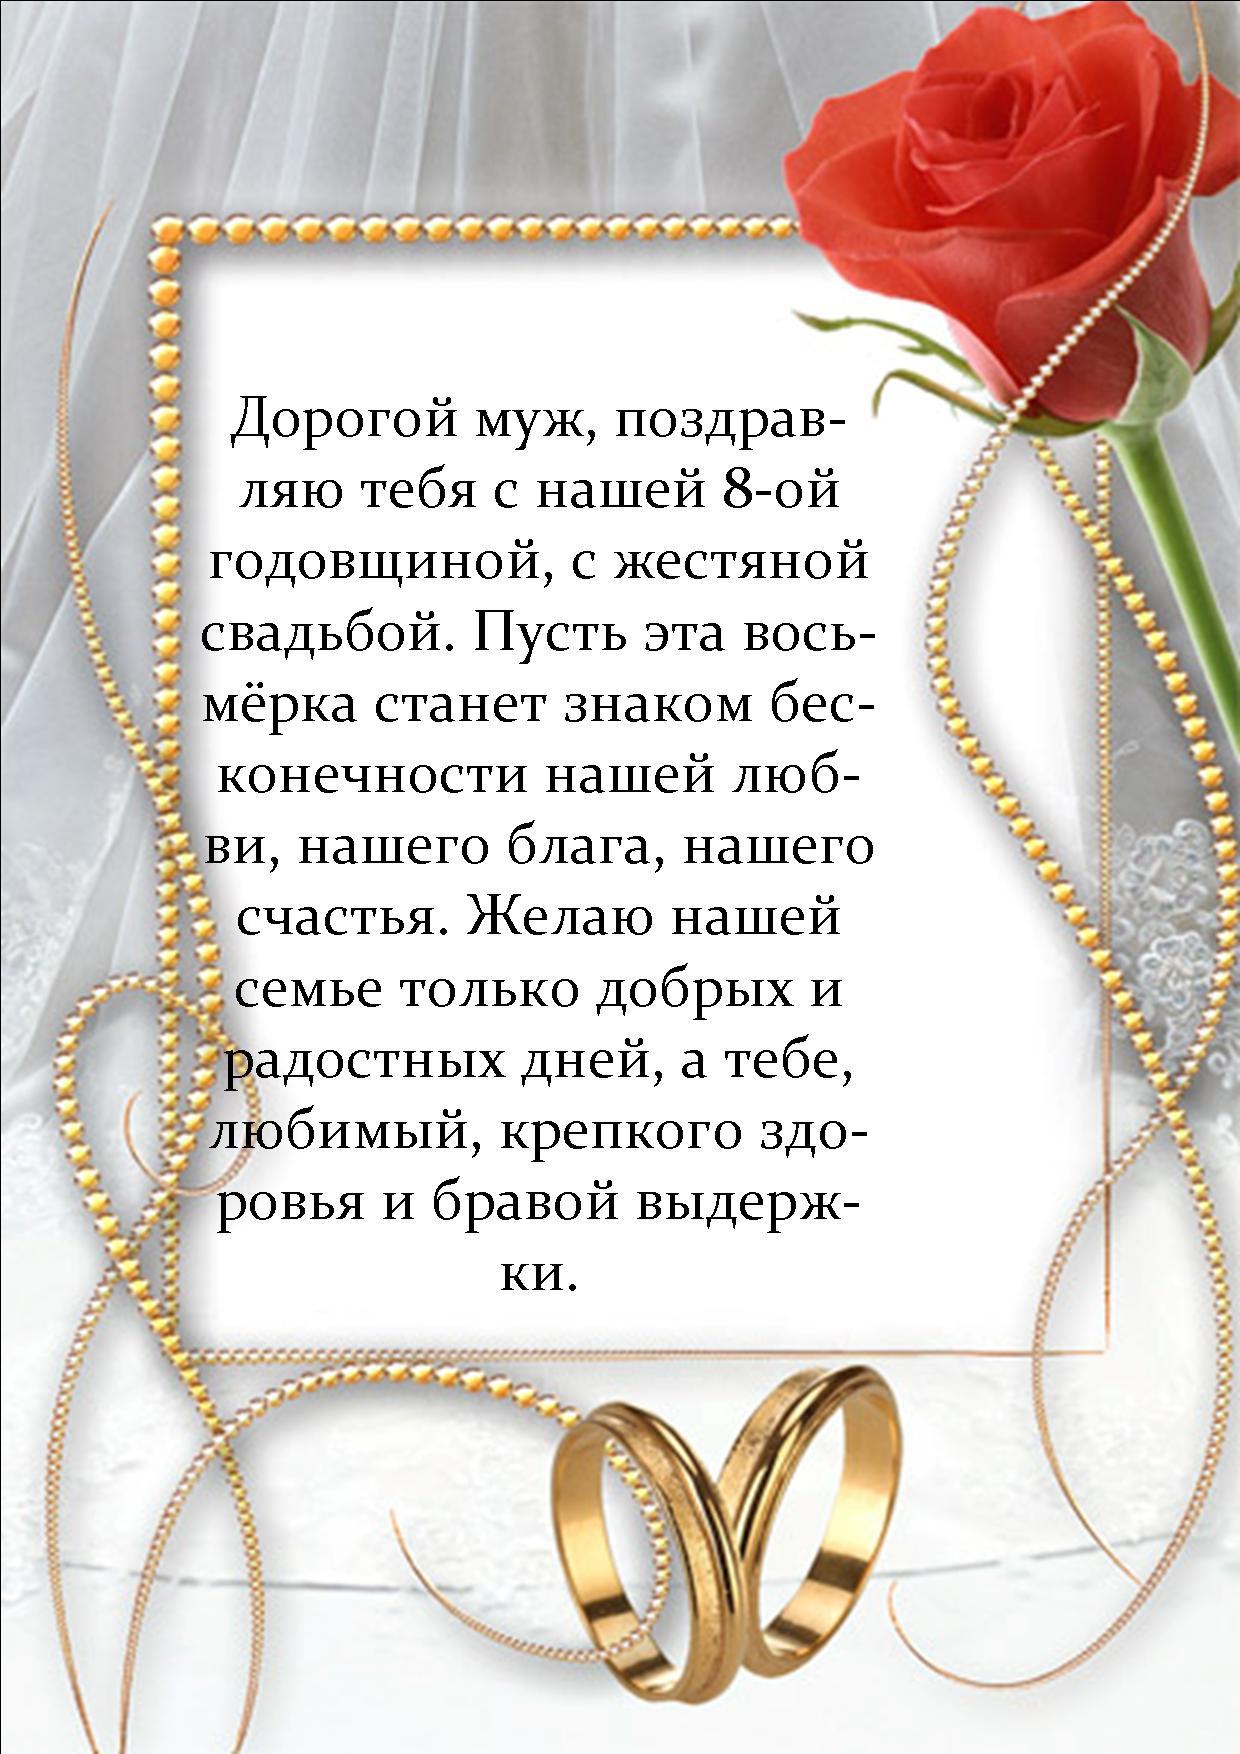 седьмая годовщина свадьбы стихи от жены бои без правил